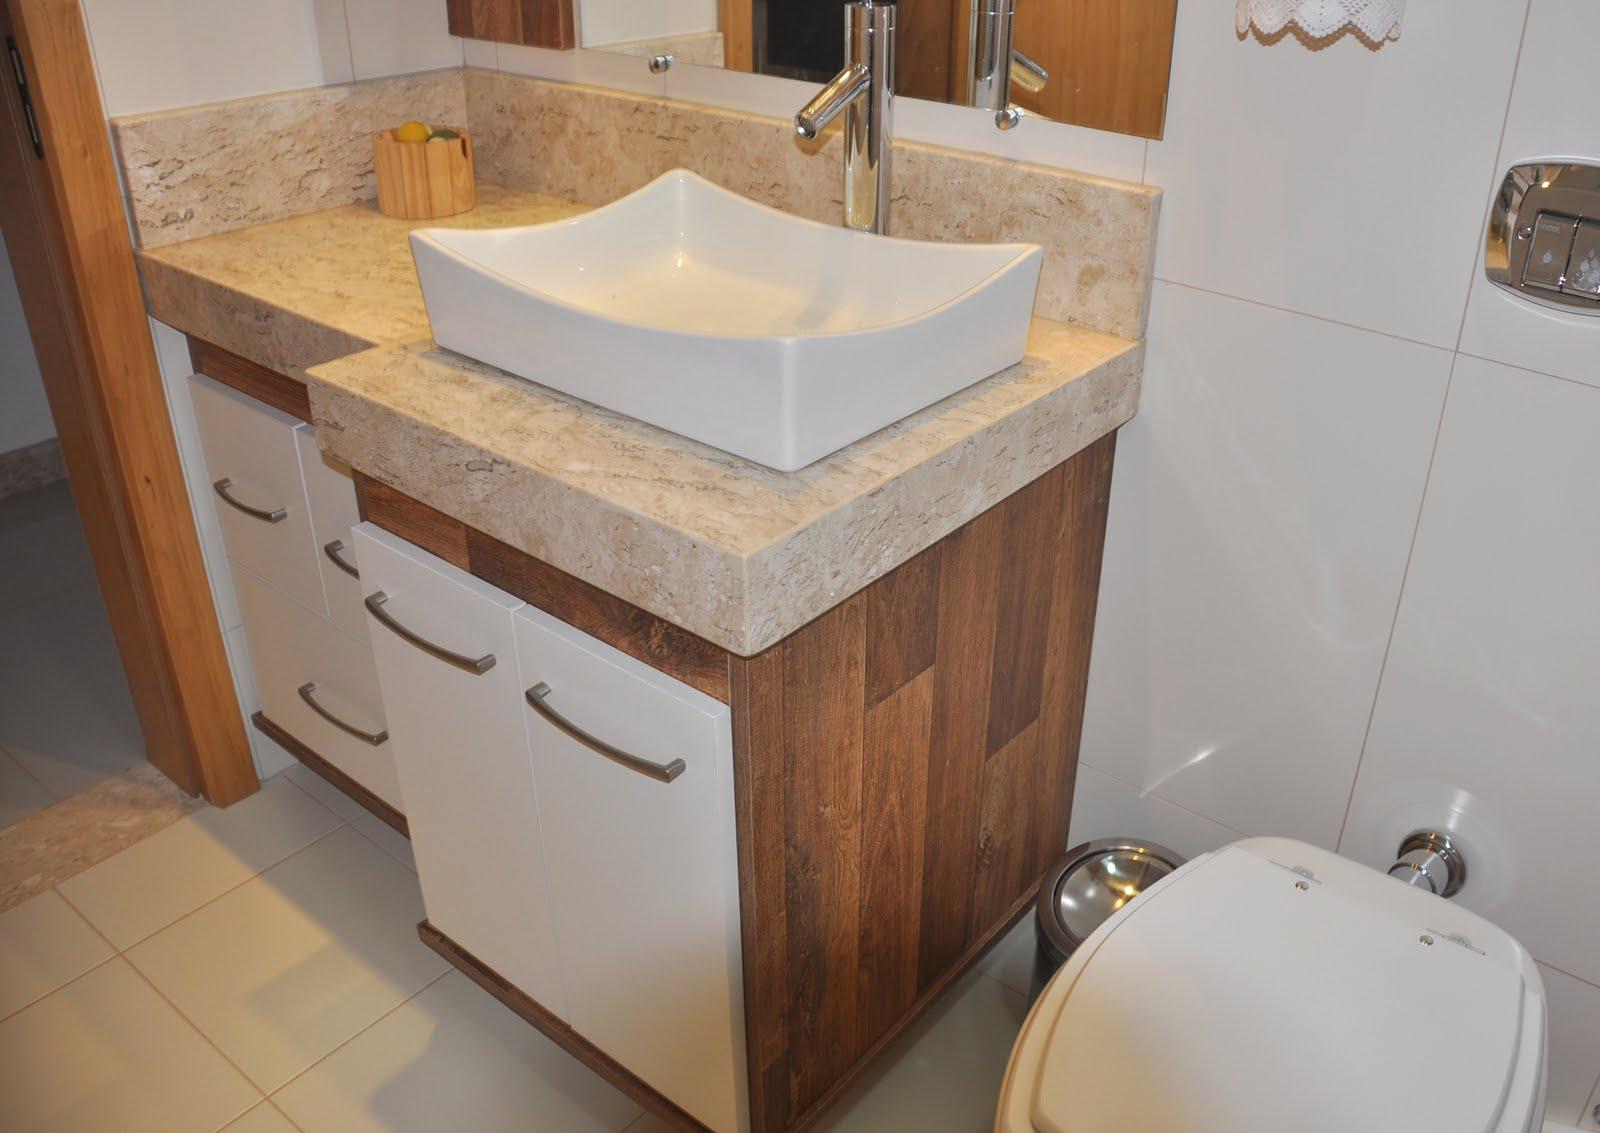 Projetos concebidos com Mármore Travertino Marmoraria MPK #956736 1600x1133 Banheiro Com Bancada De Marmore Travertino